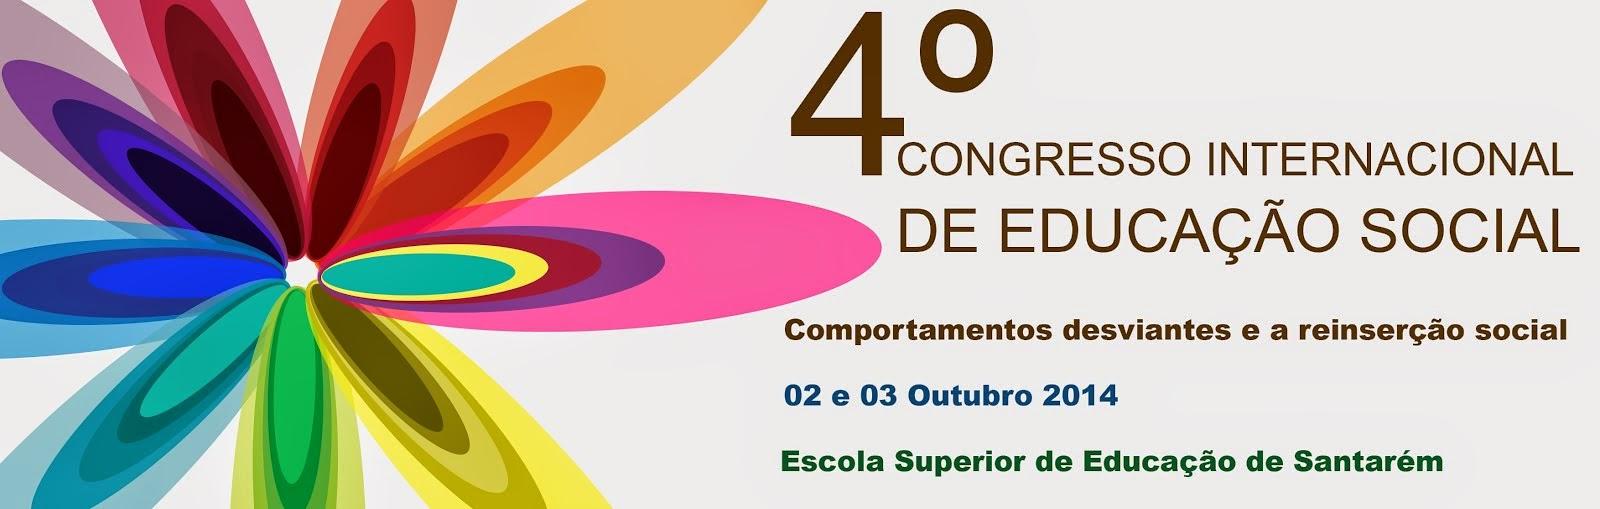 4.º Congresso Internacional de Educação Social